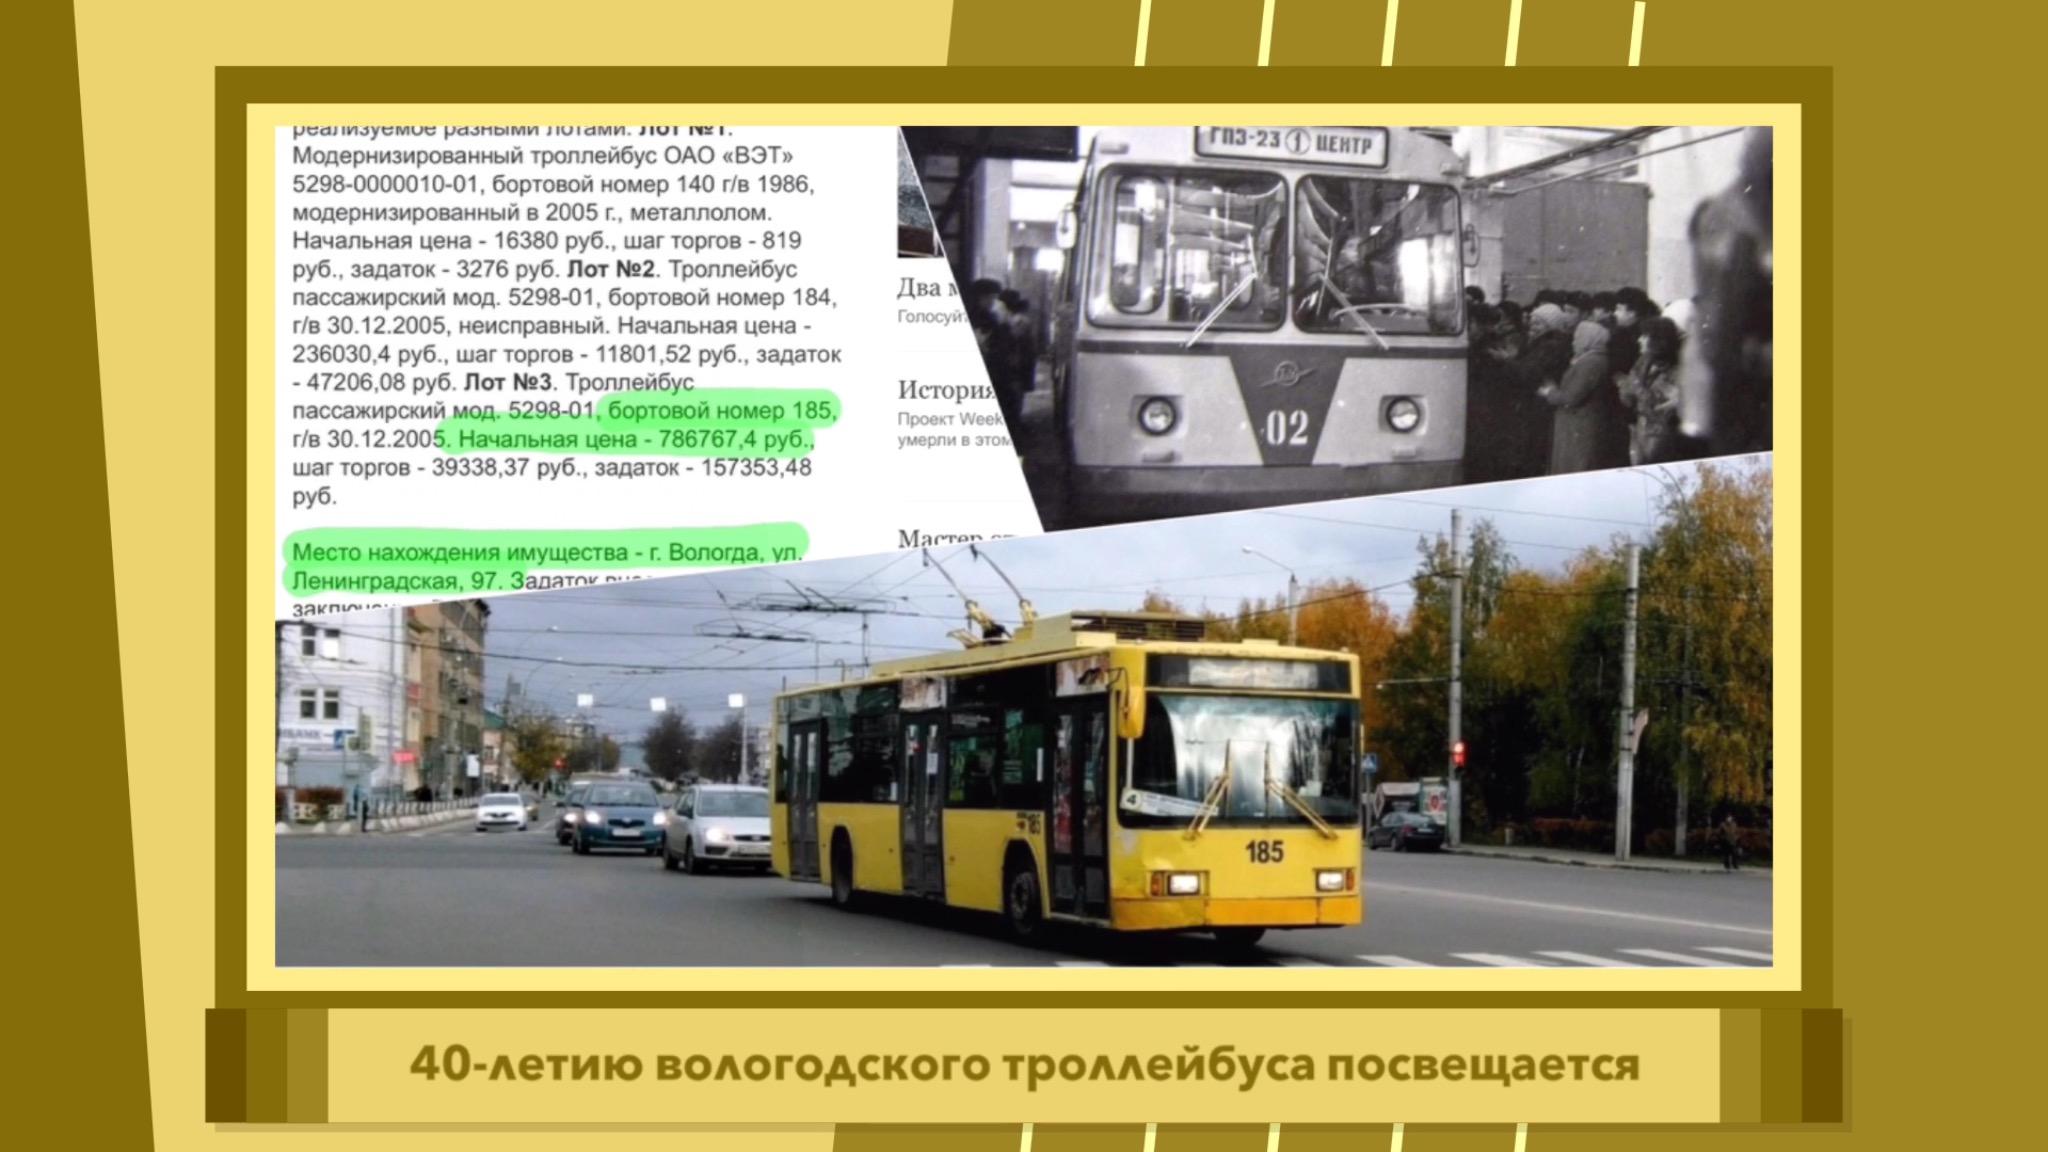 40-летию вологодского троллейбуса посвящается